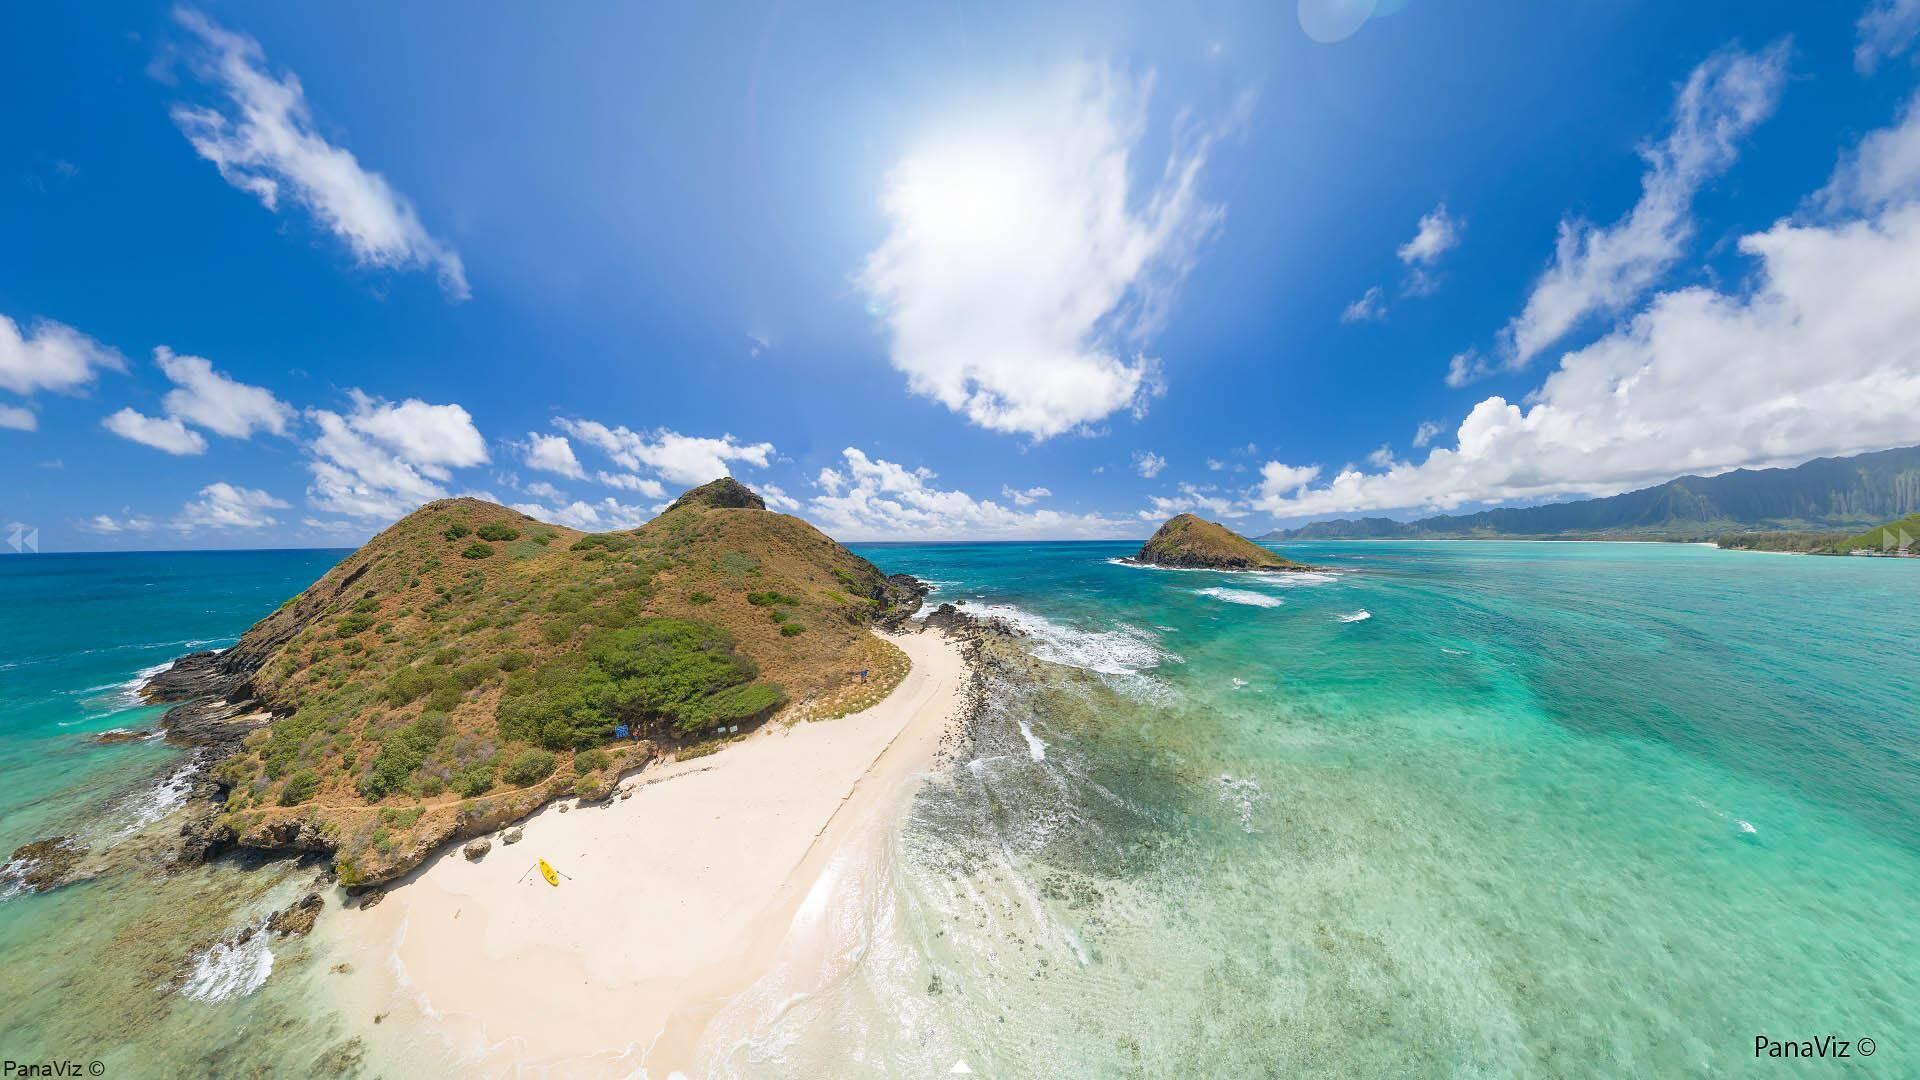 Moko Nui Aerial Panorama by PanaViz